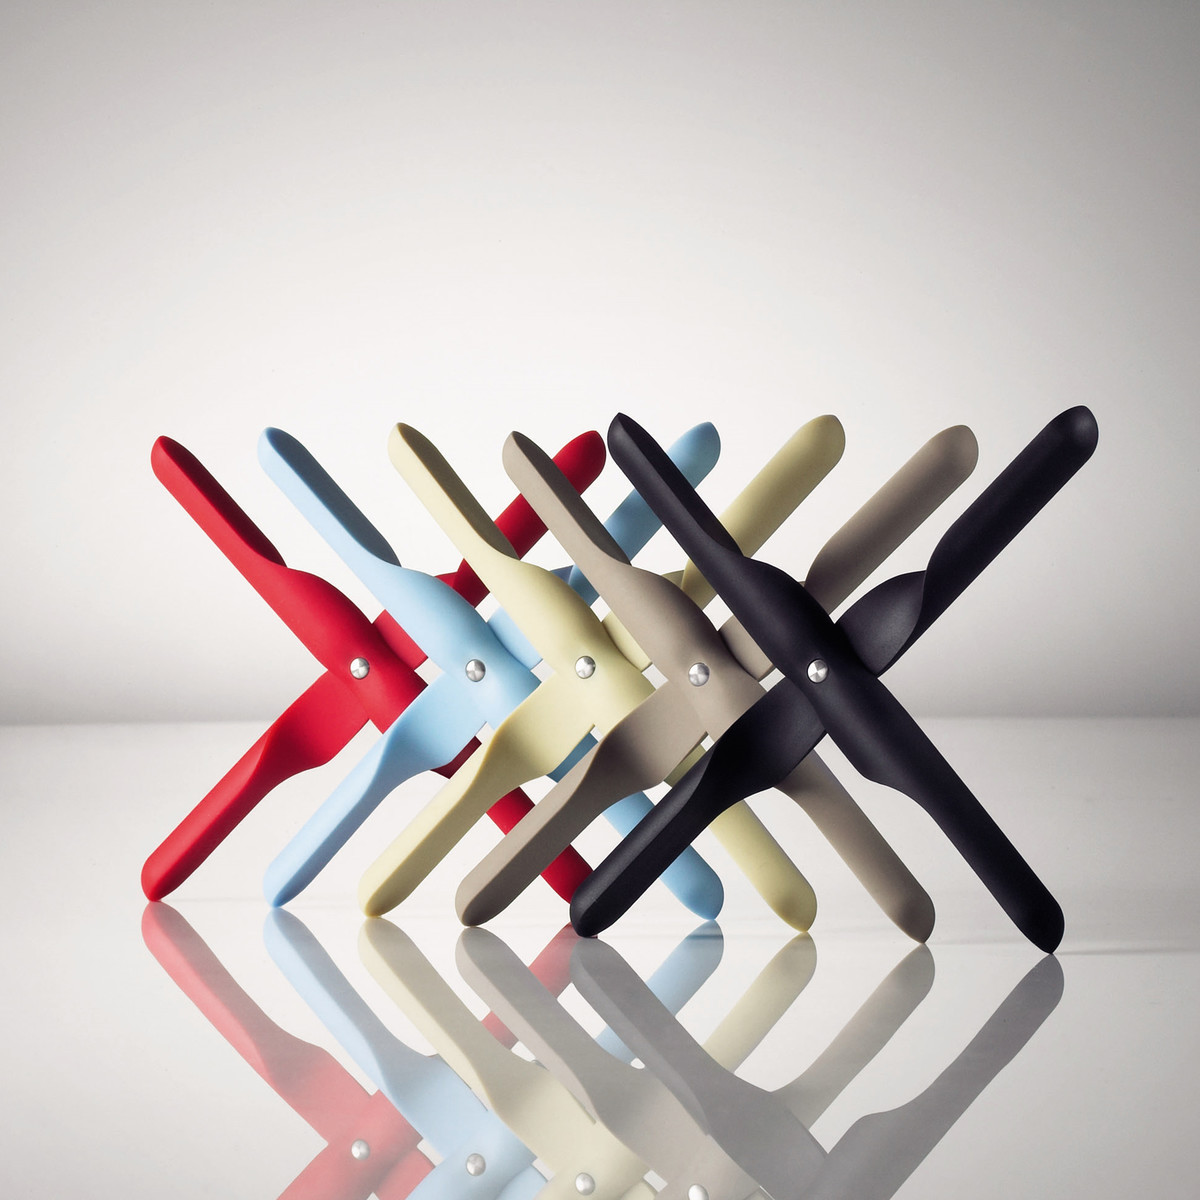 Propeller Topfuntersetzer im Wohndesign-Shop